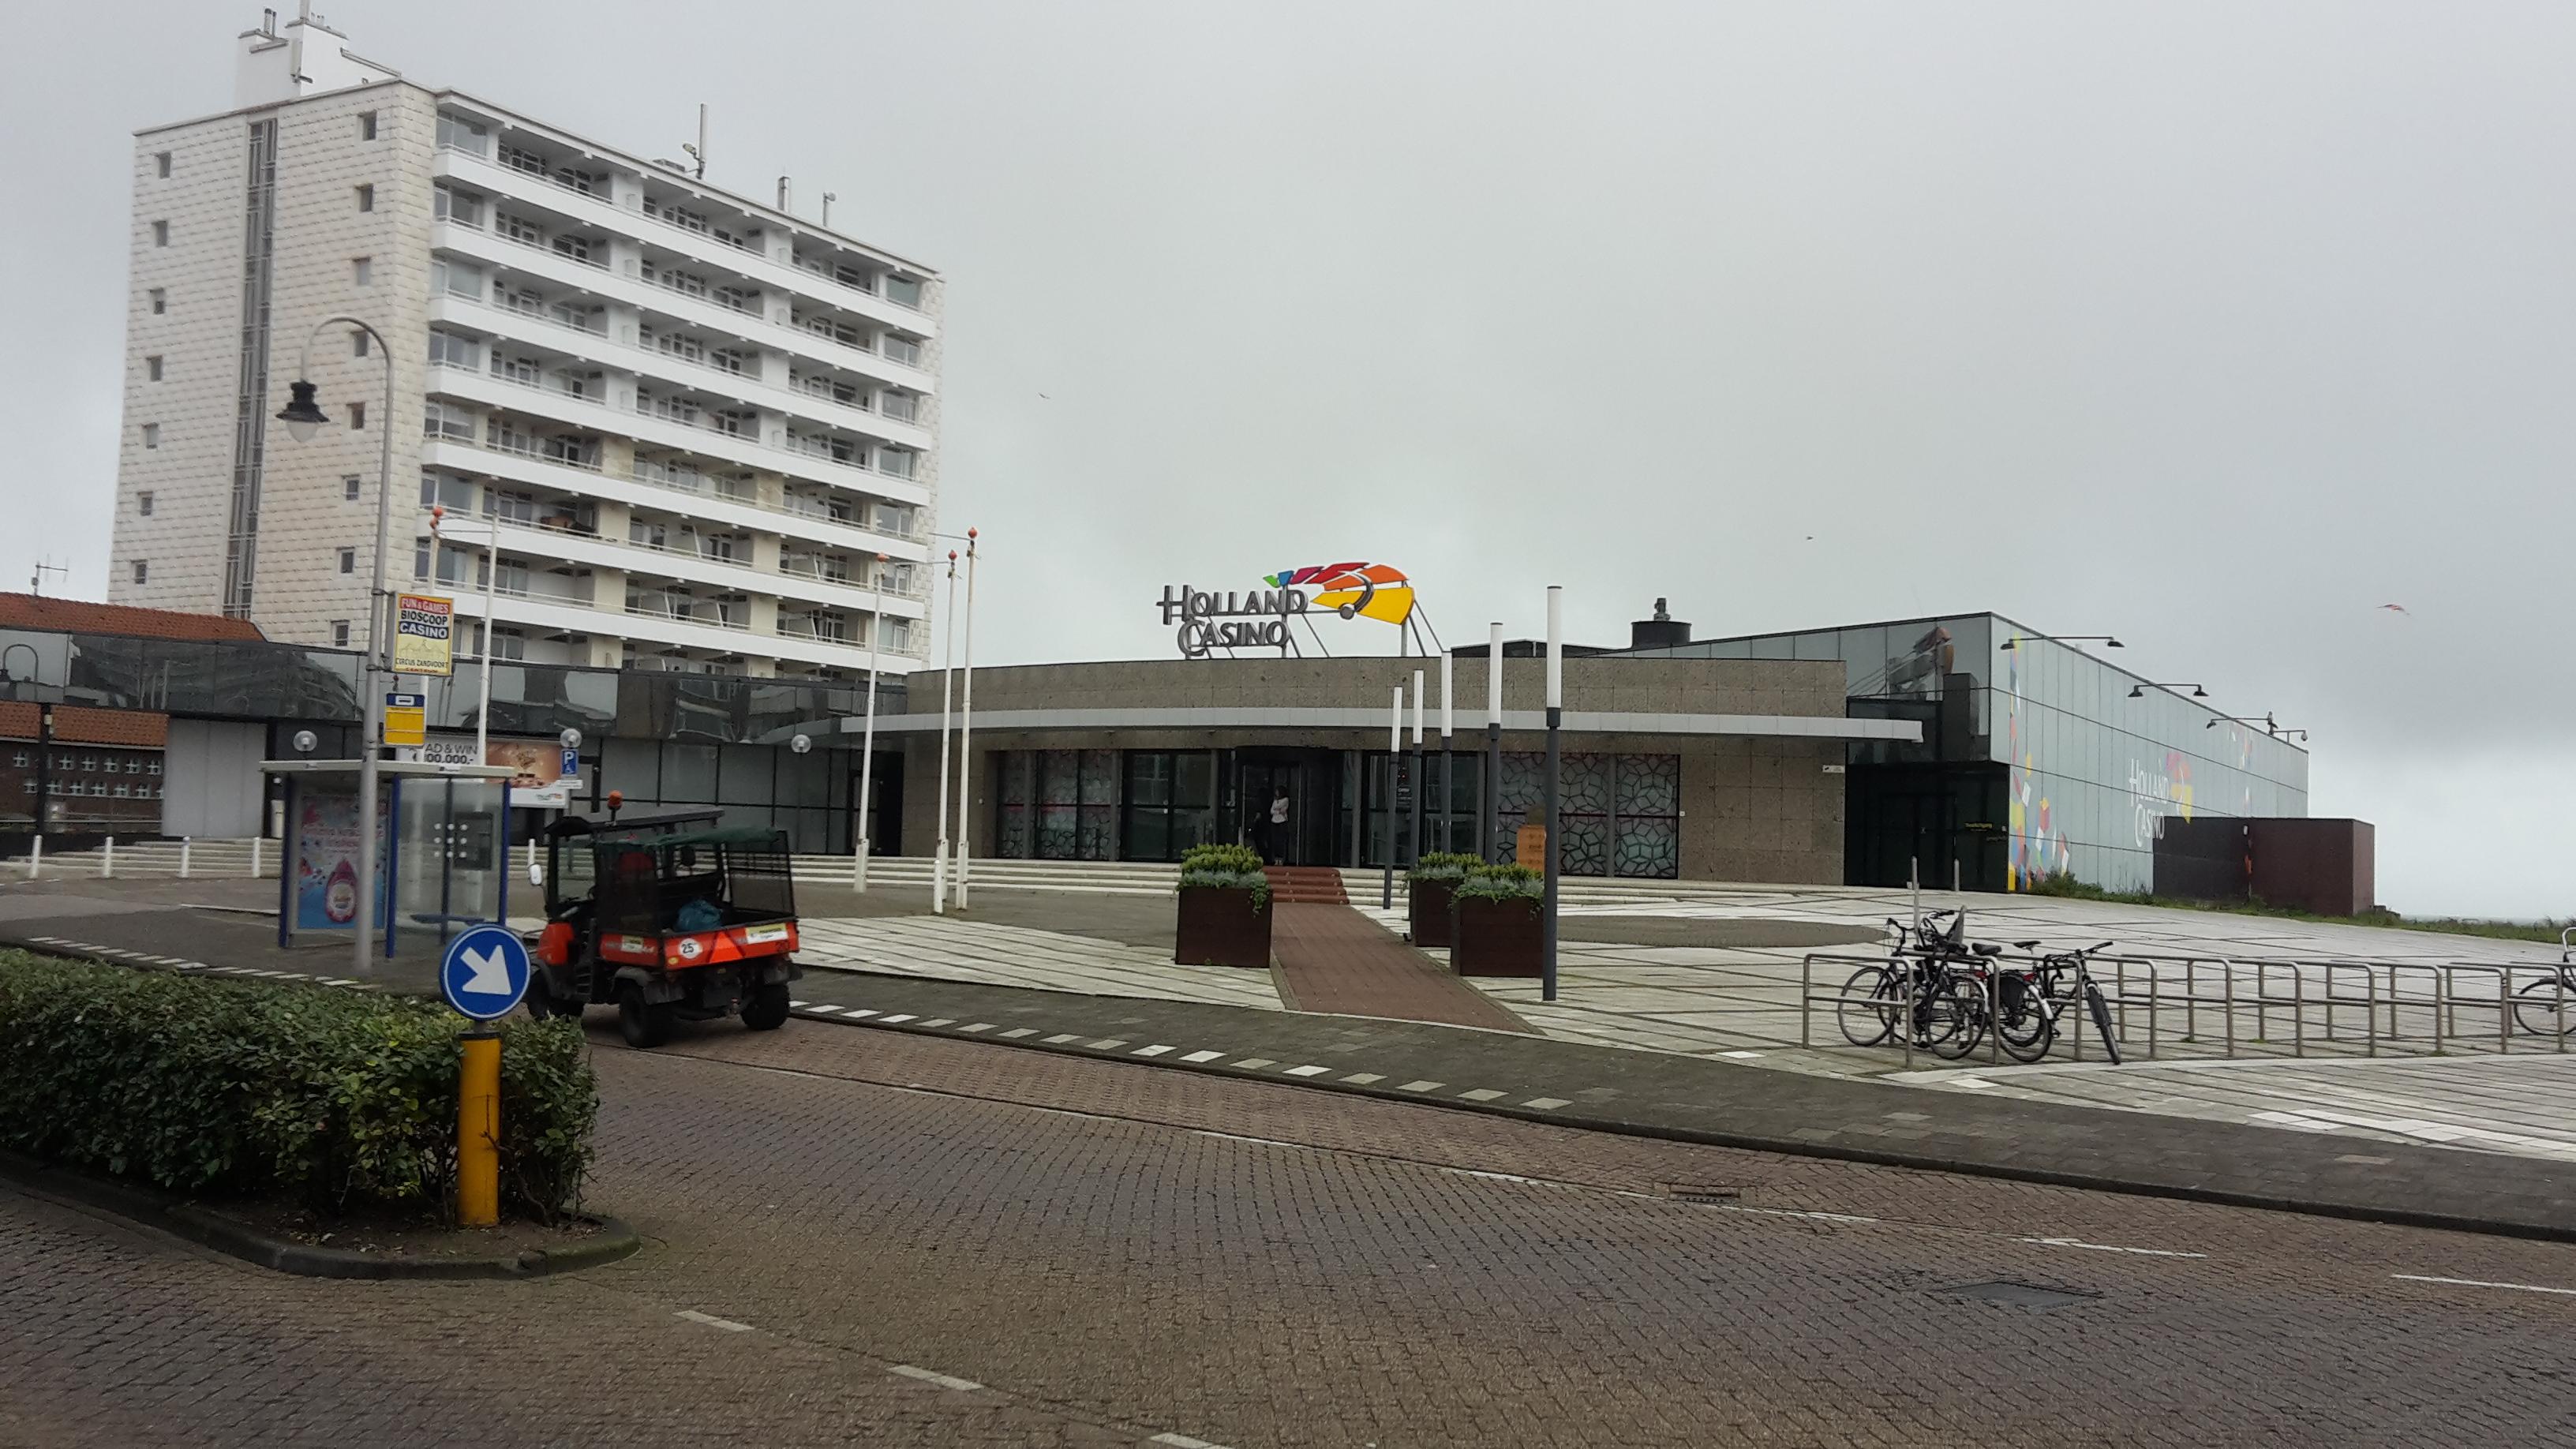 Pokeren holland casino zandvoort